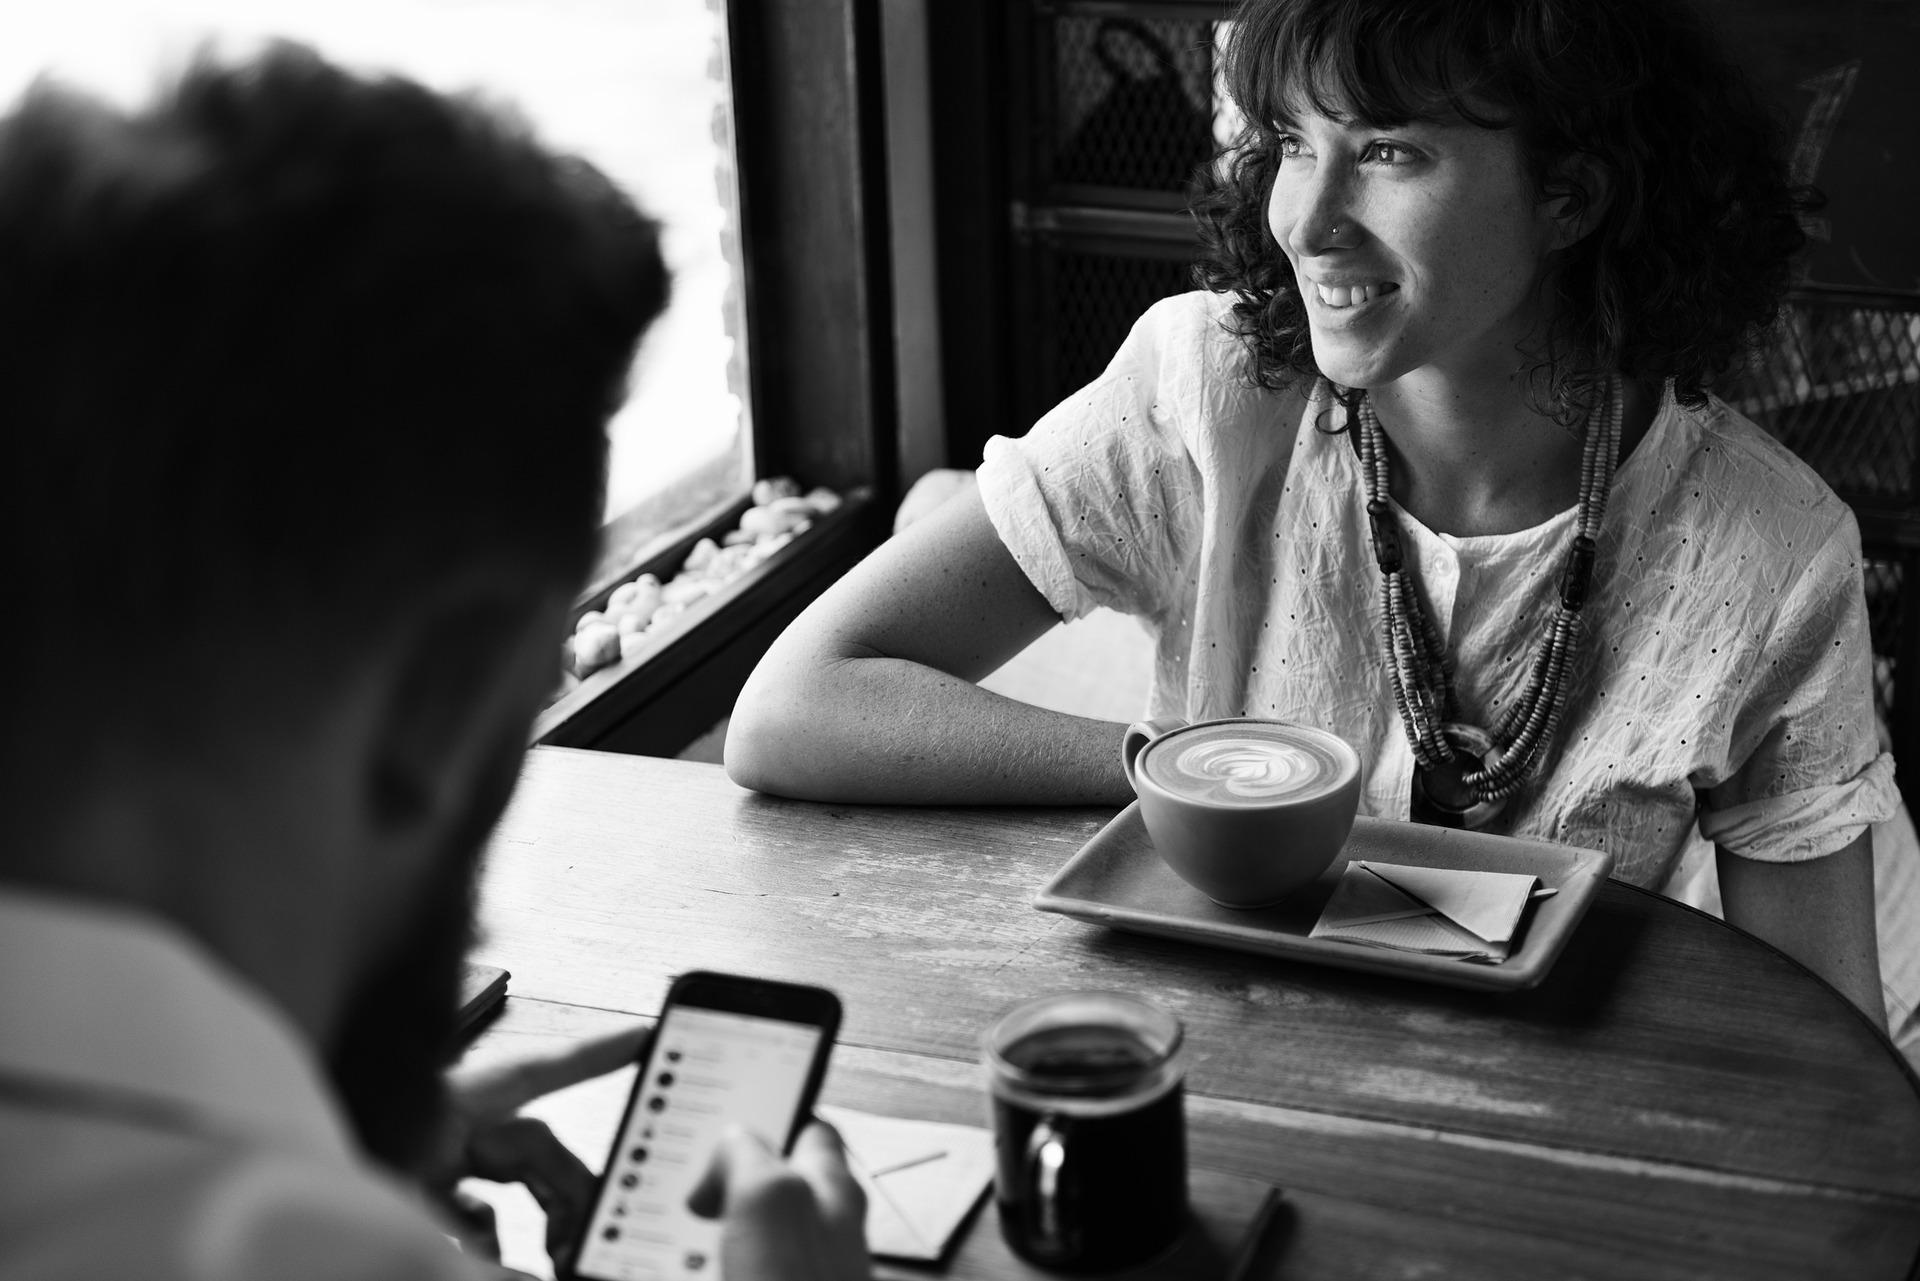 Mann benutzt Smartphone beim Flirten